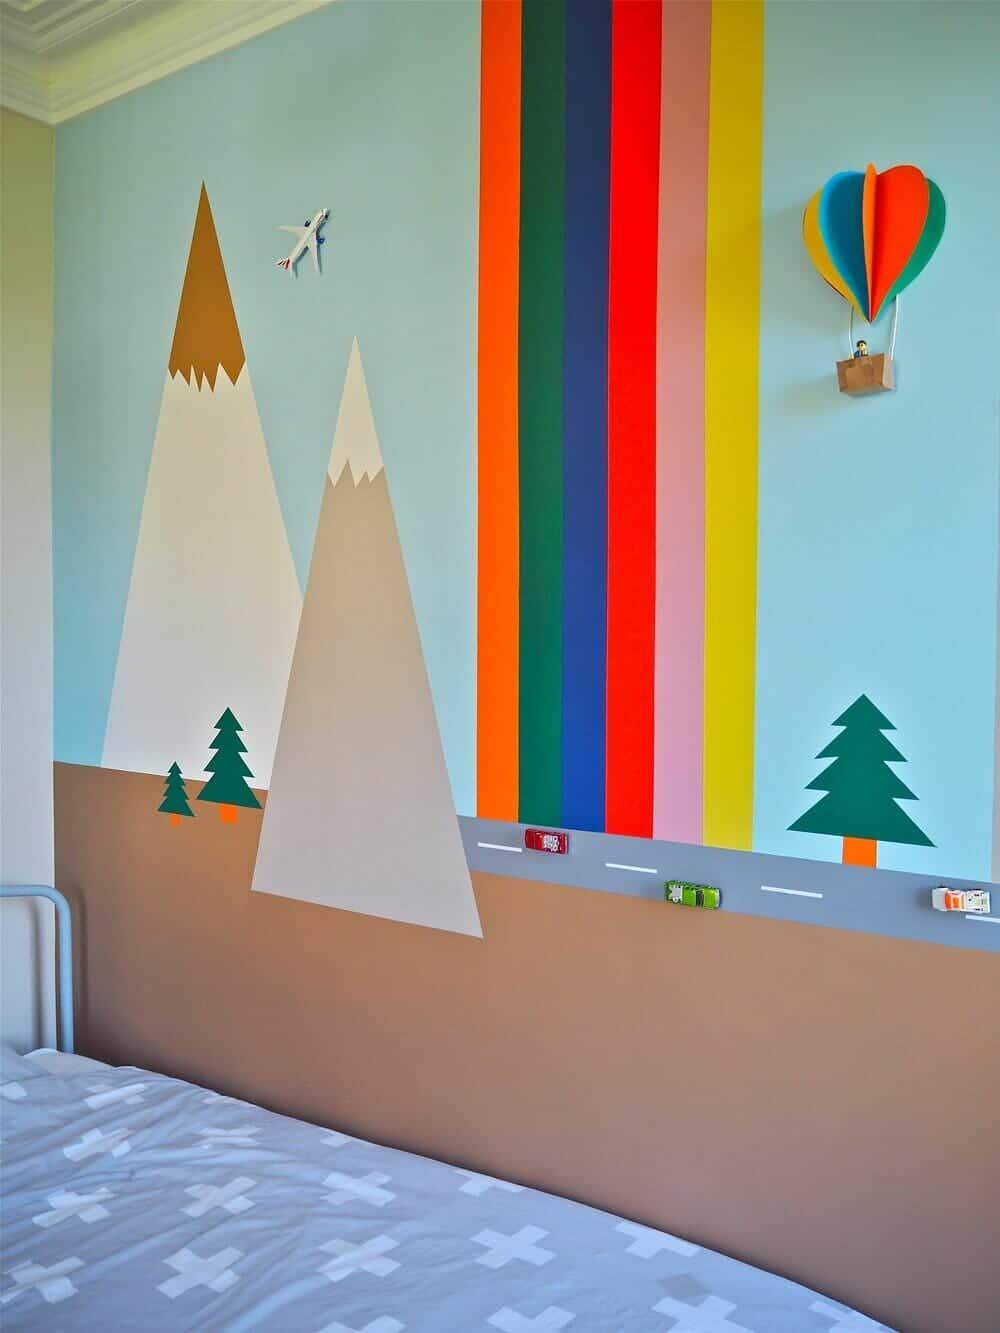 Child's Bedroom 3D Wall Mural DIY